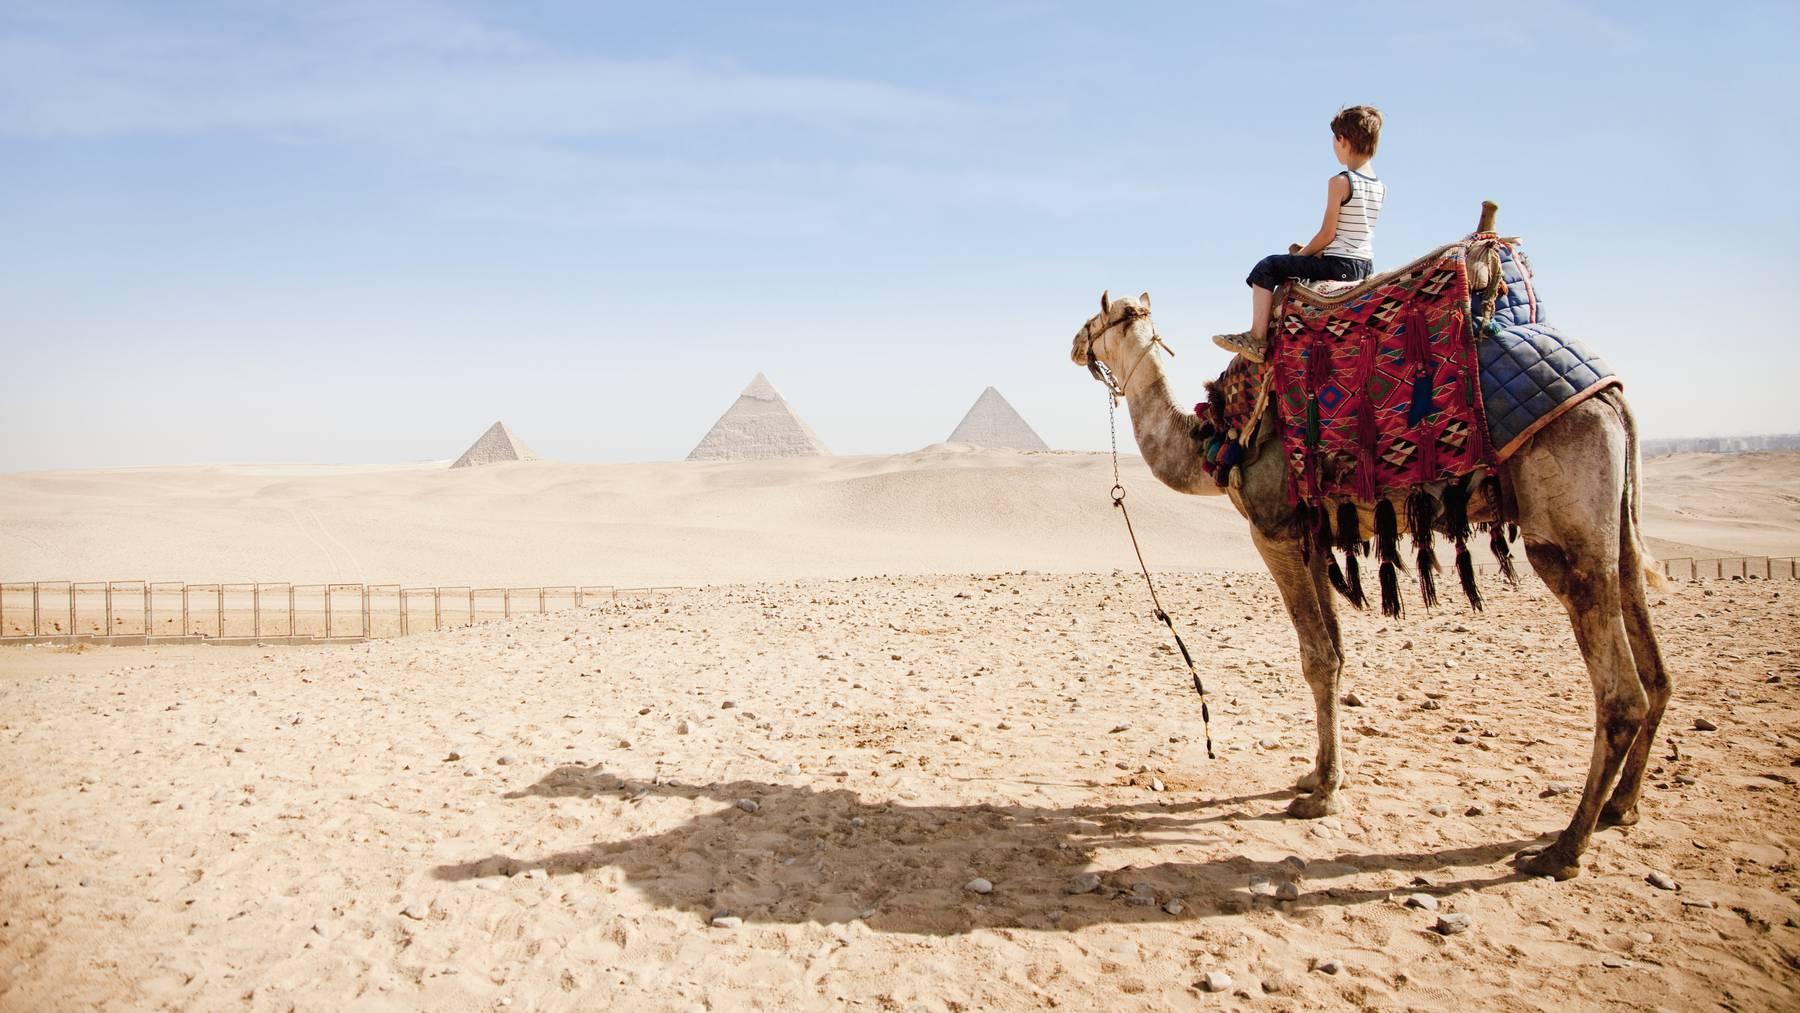 Ägypten hat ein trockenes und heisses Klima.